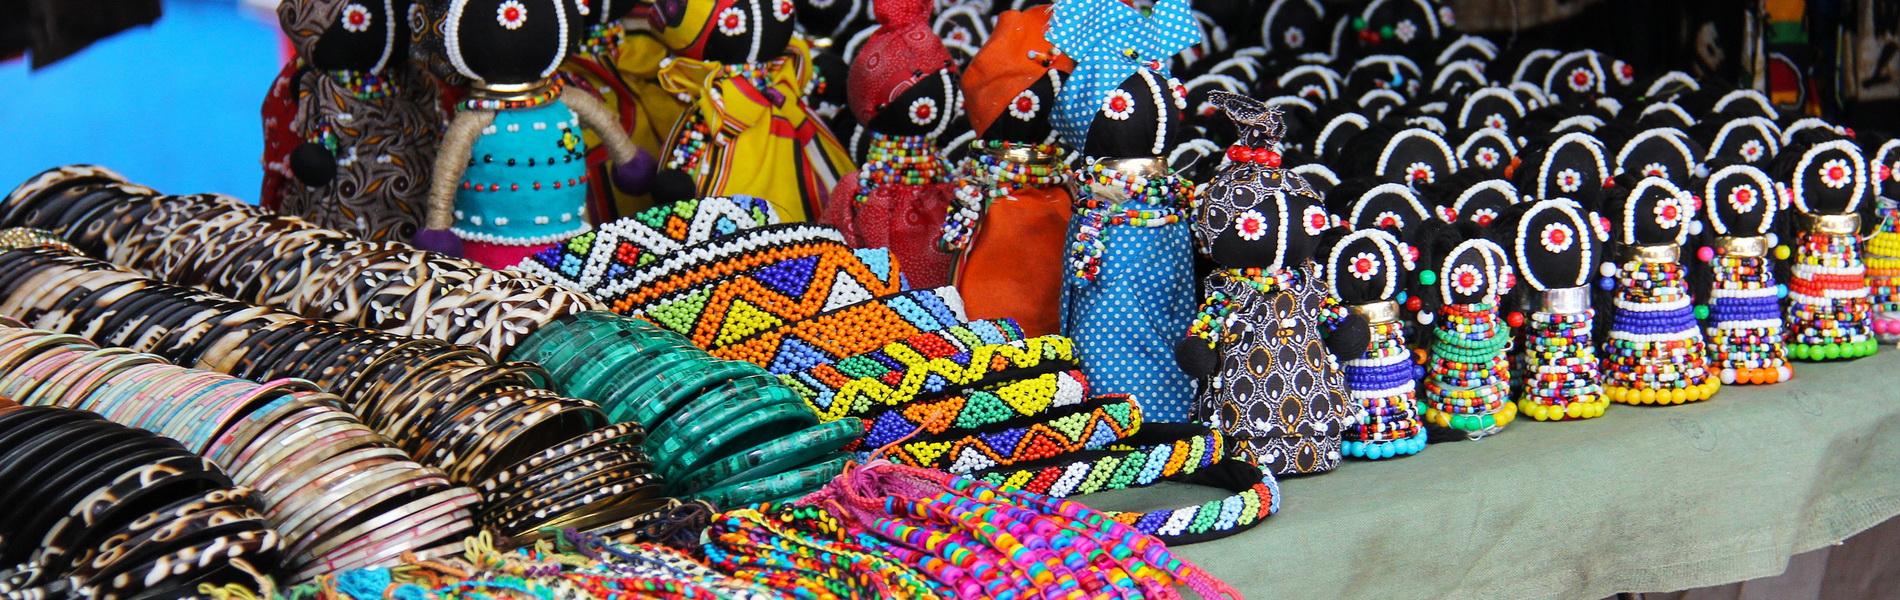 Exotische Souvenirs, CC0 Creative Commons